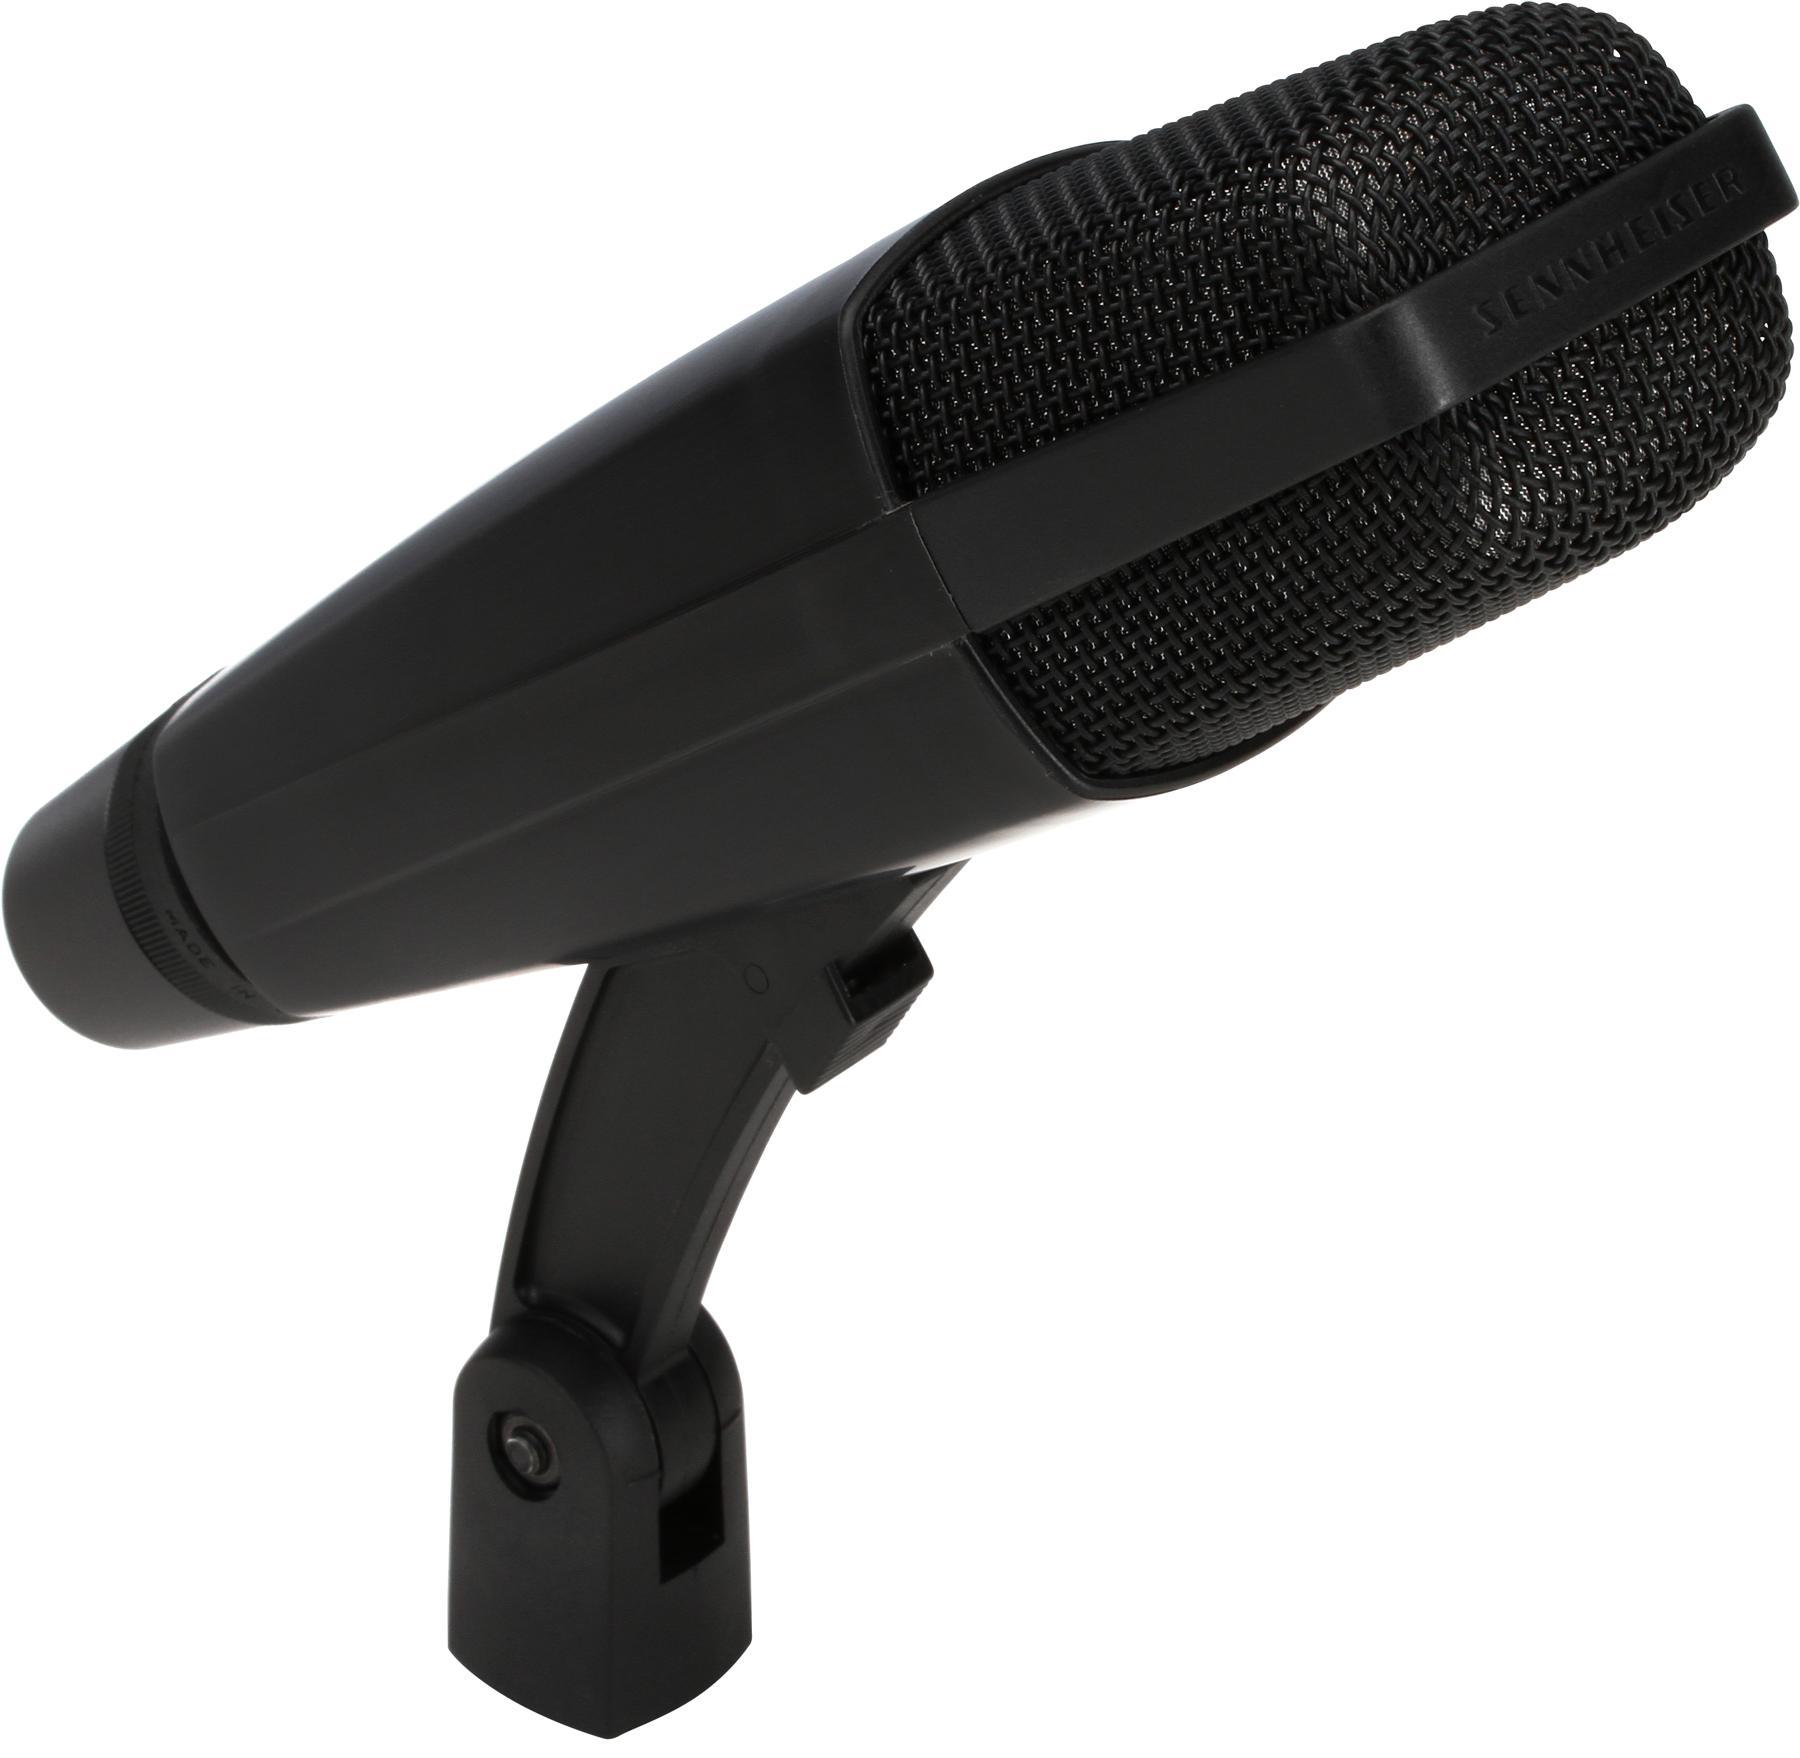 5. Sennheiser MD 421-II Cardioid Dynamic Microphone